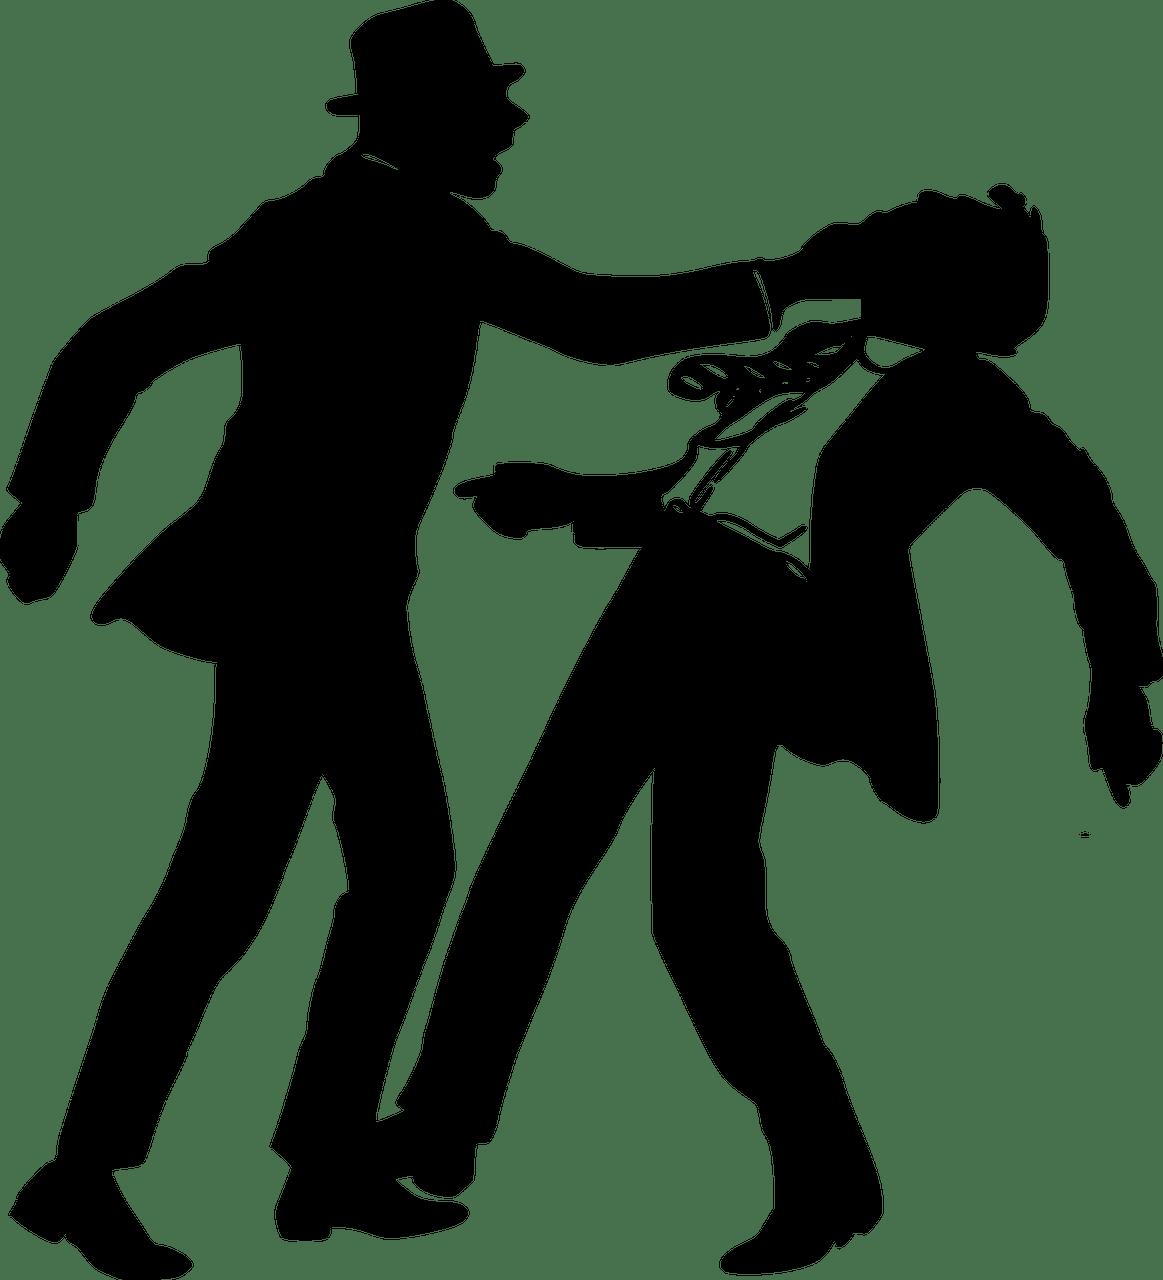 Har våldsreducering ett egenvärde? 19